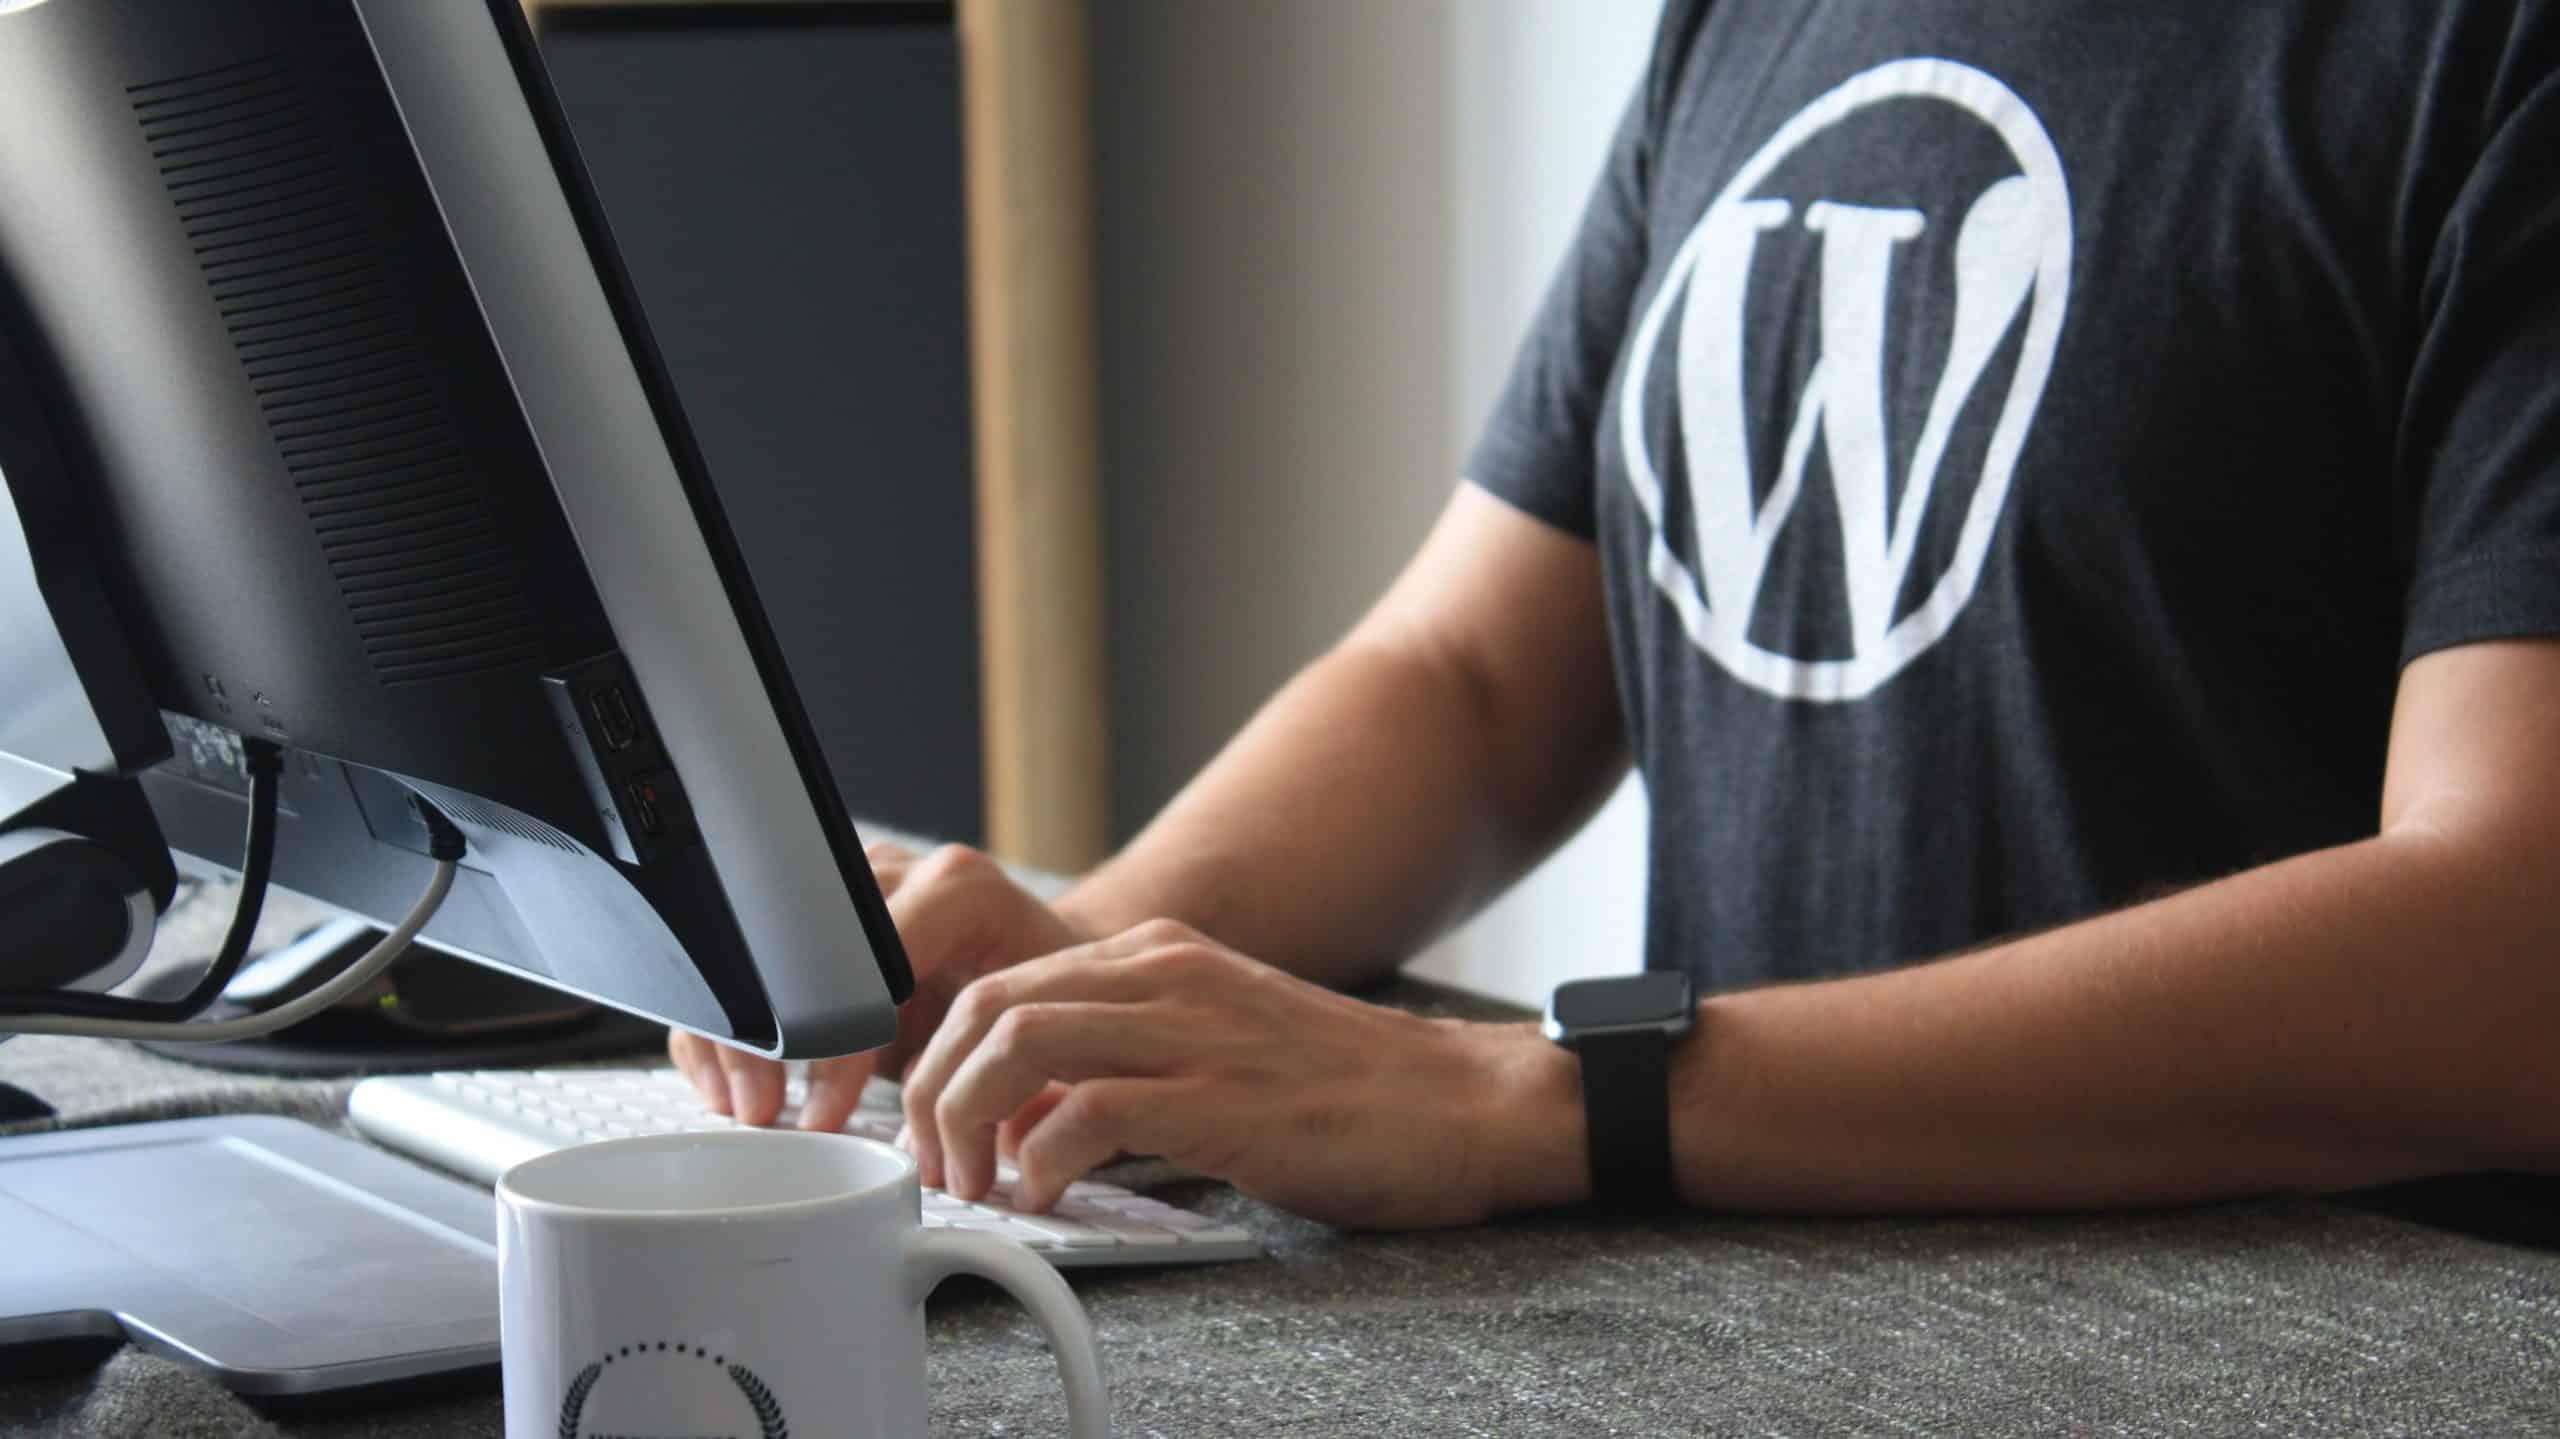 Mand v. pc. oprettelse af webshop. Guide til opstart af netbutik. René Sejling